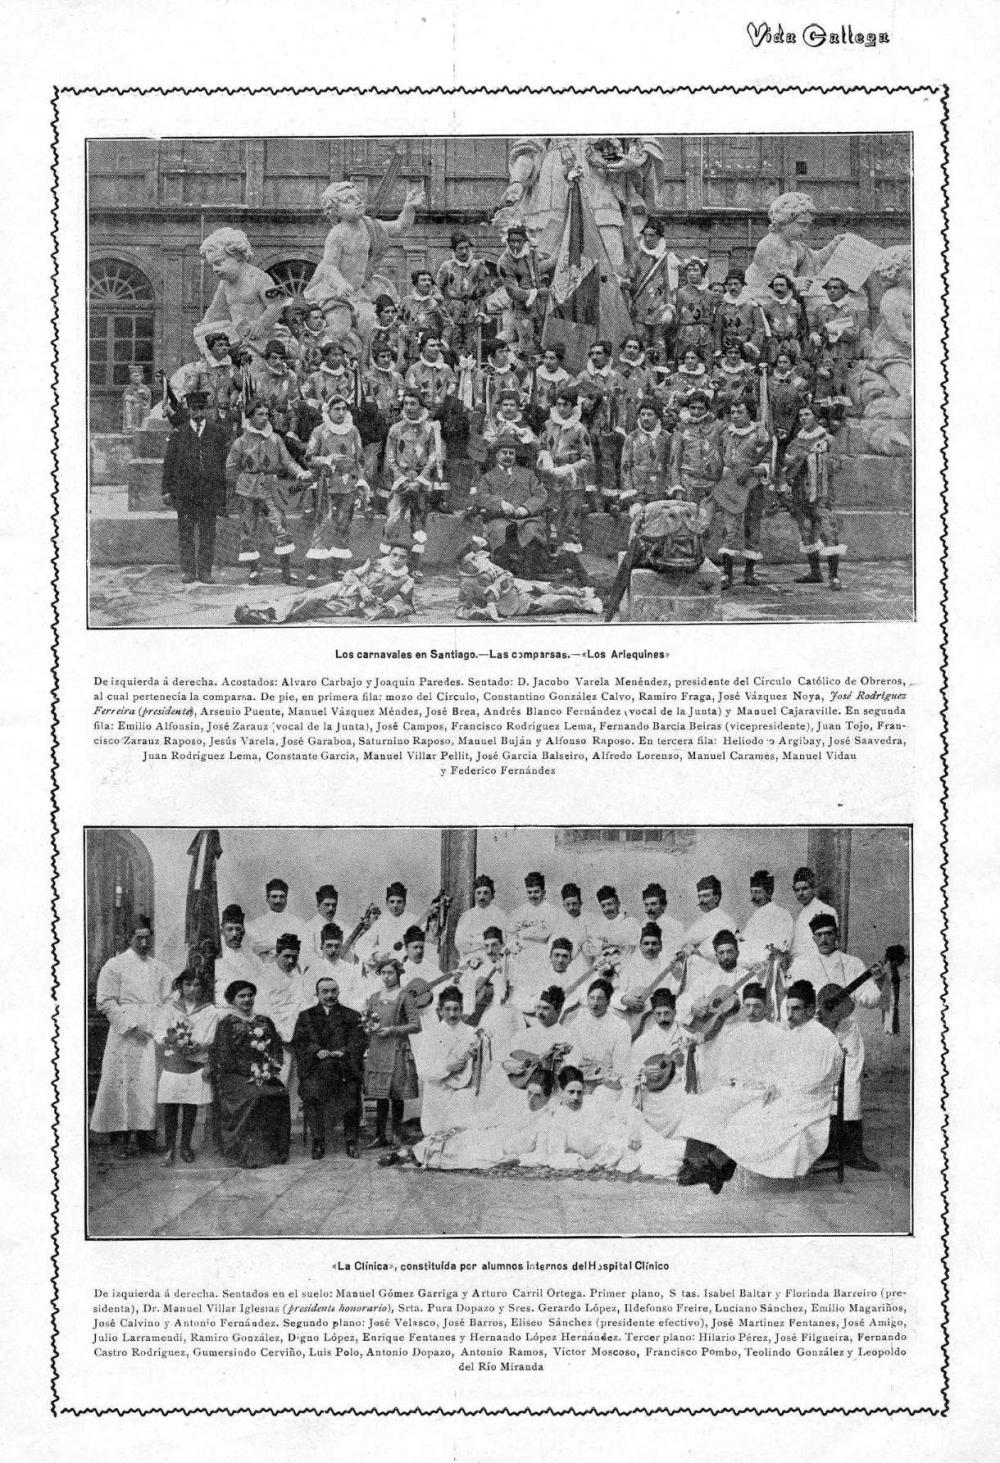 1911.Losarleguines